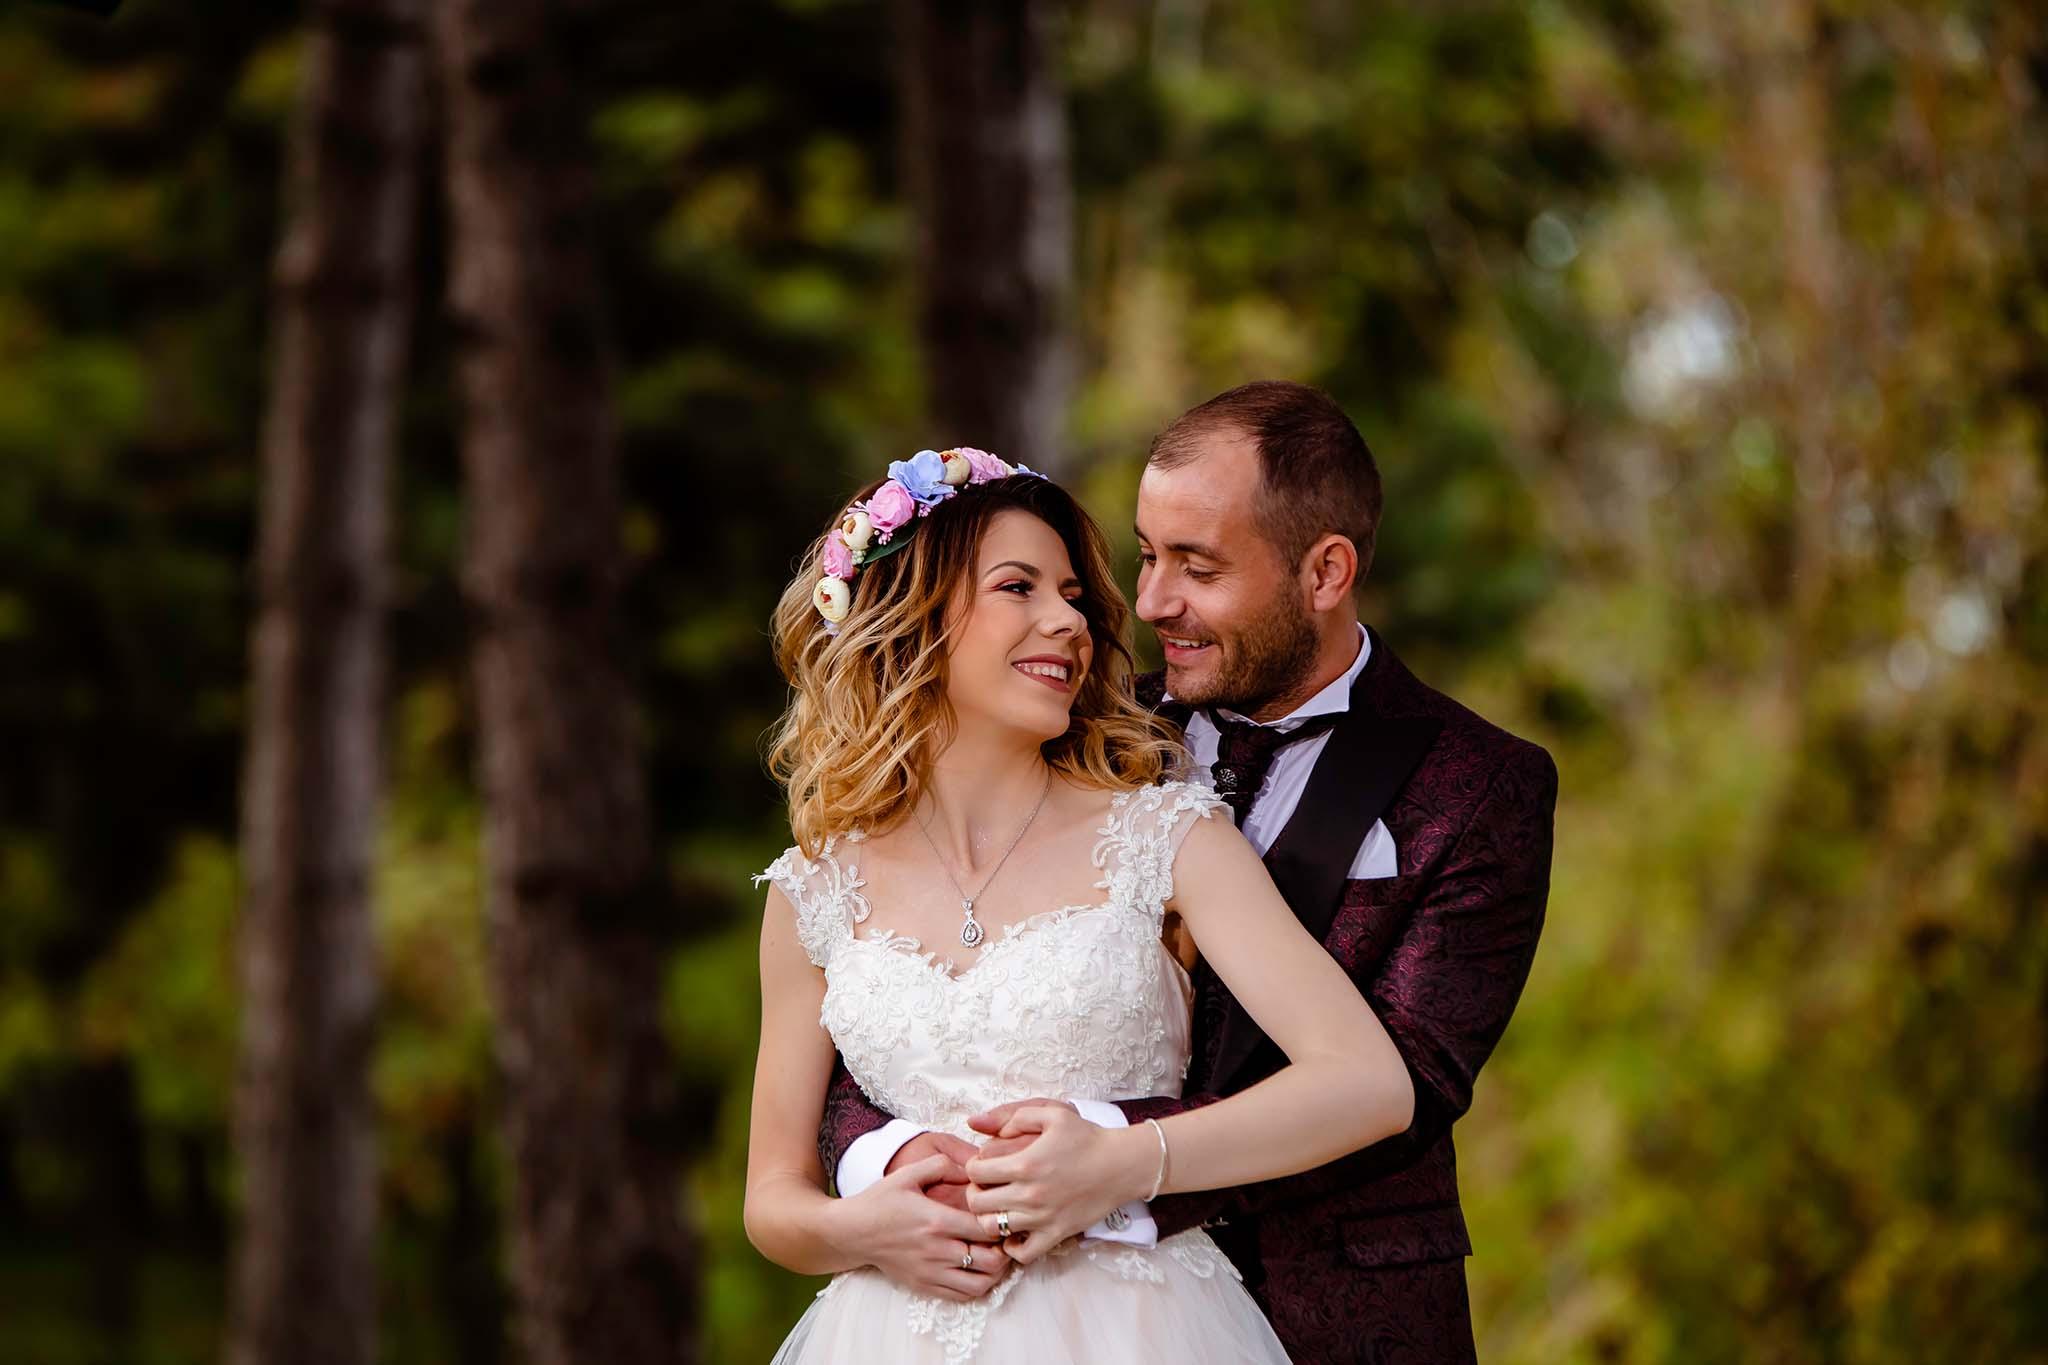 Ședința foto after wedding presărată cu veselie și multă voie bună